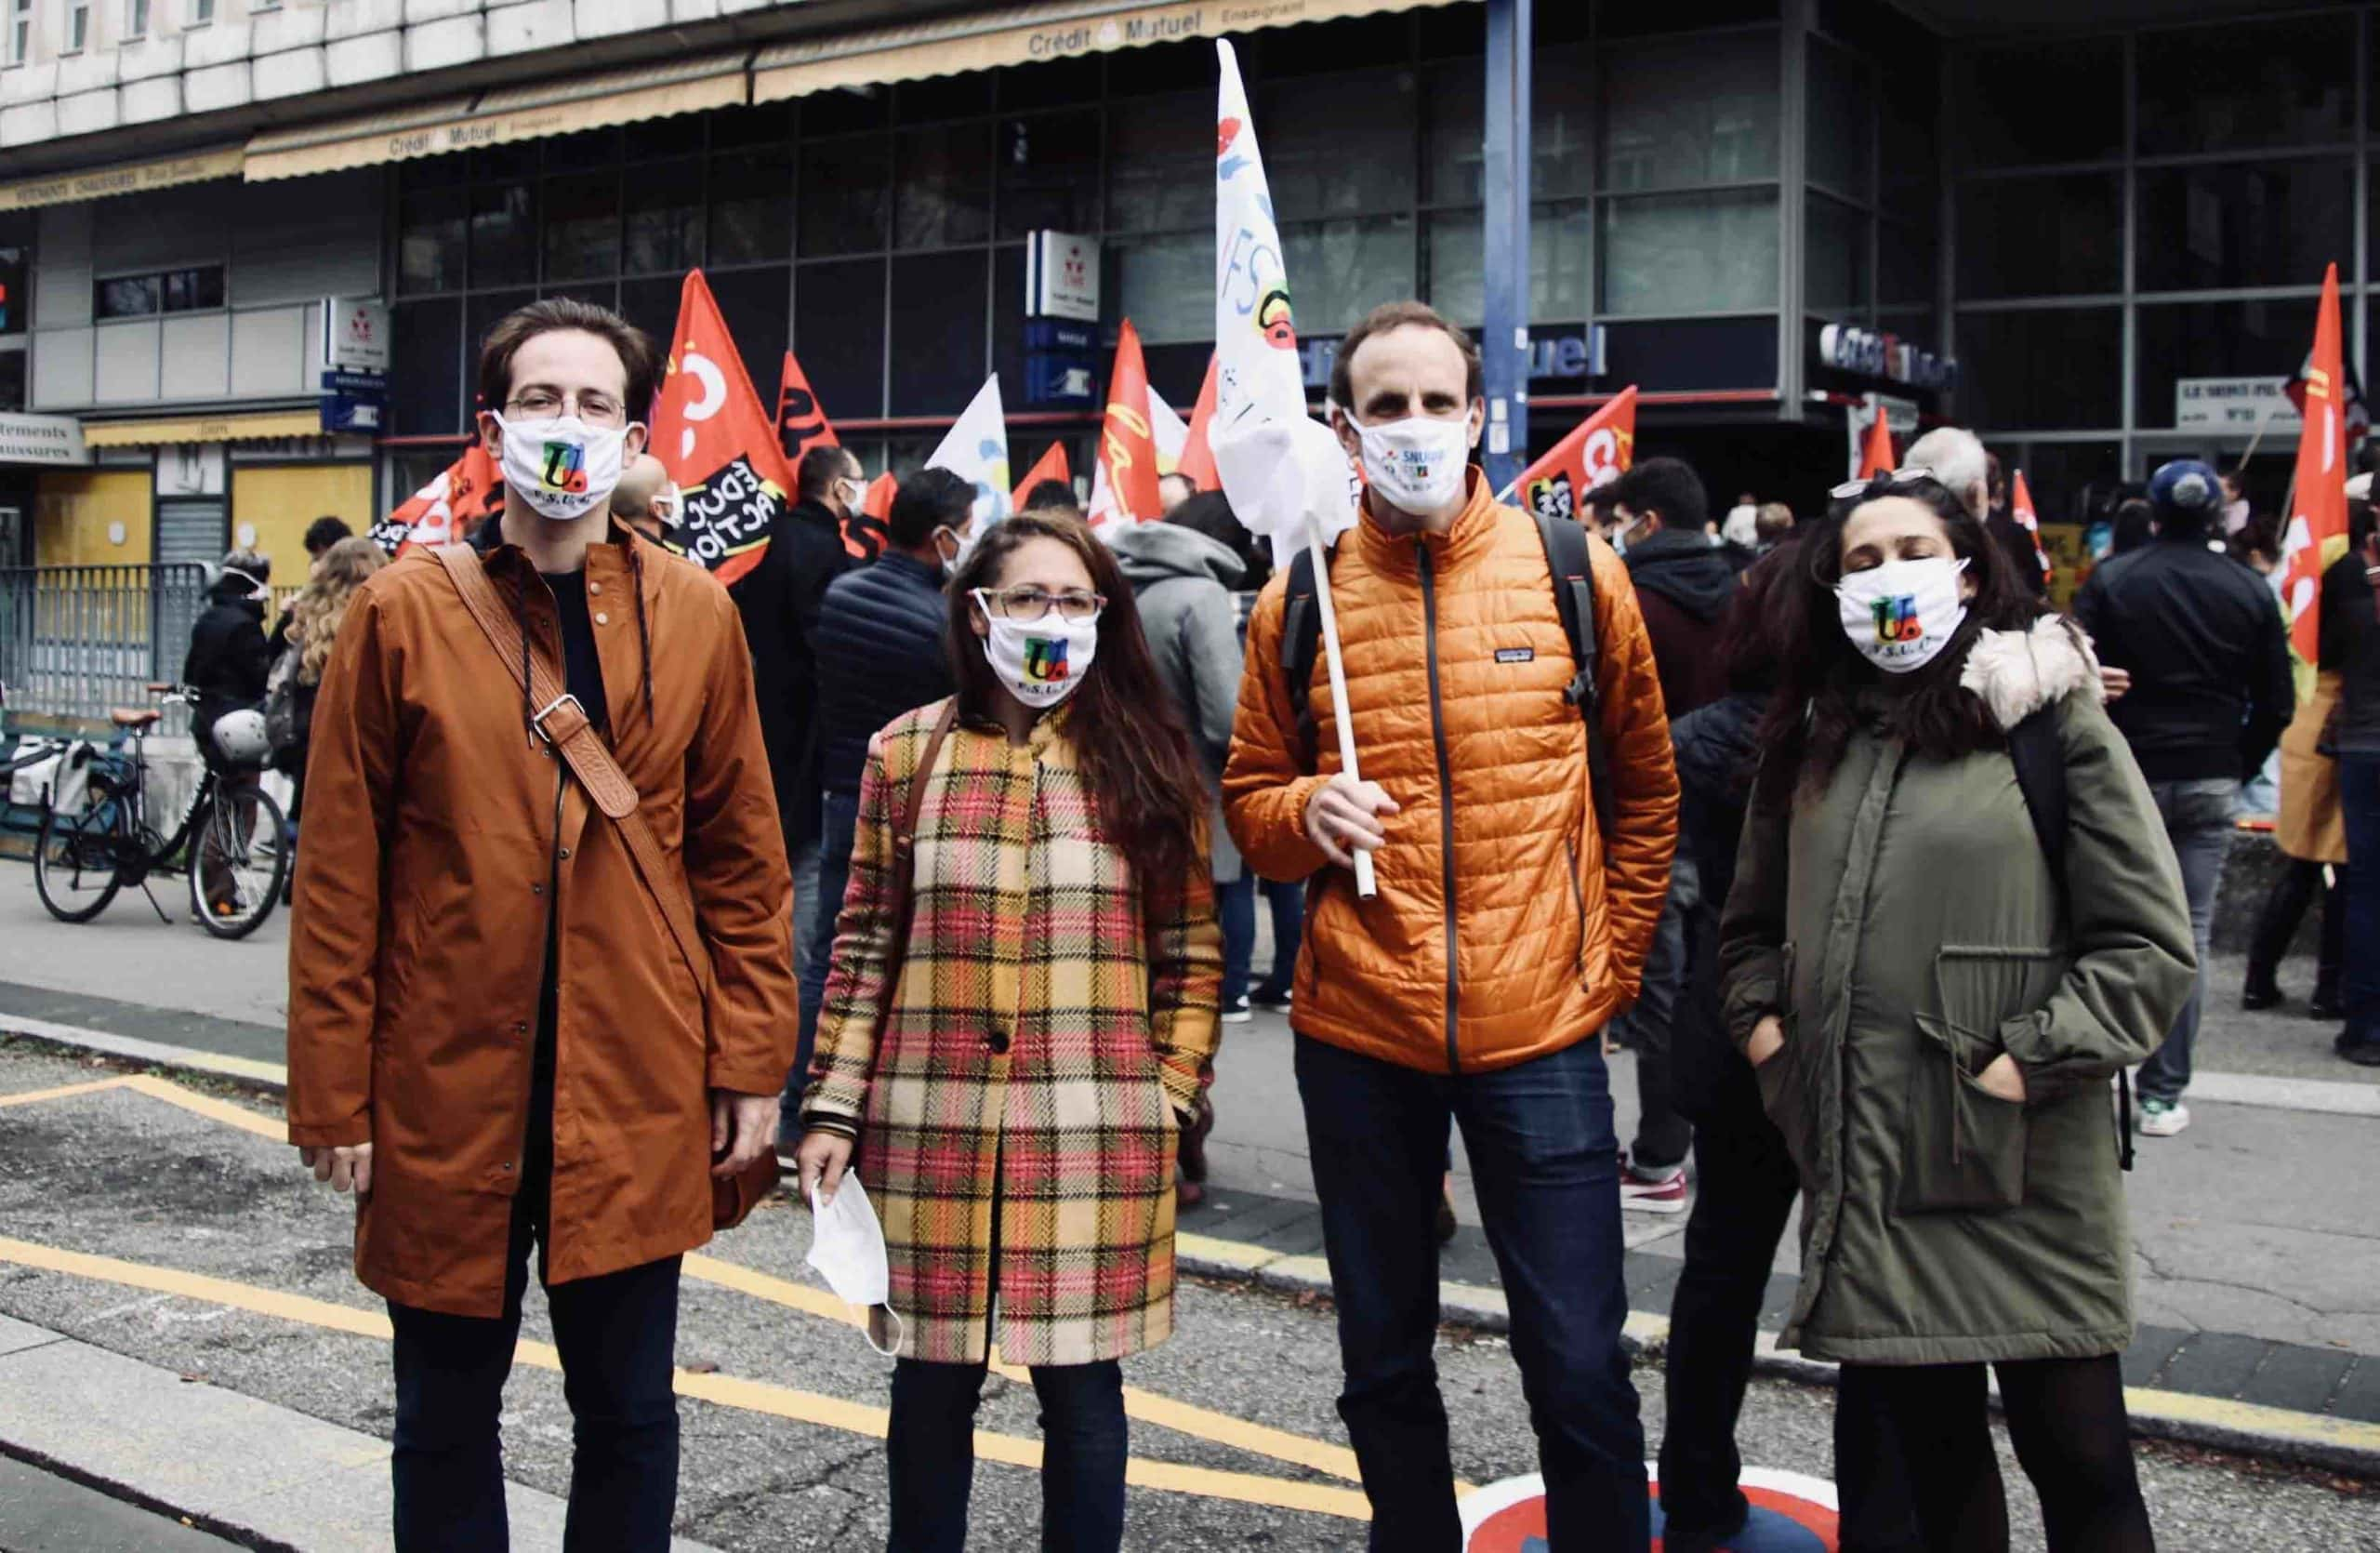 Manifestation d'enseignants à Saint-Etienne pendant le confinement automne 2020